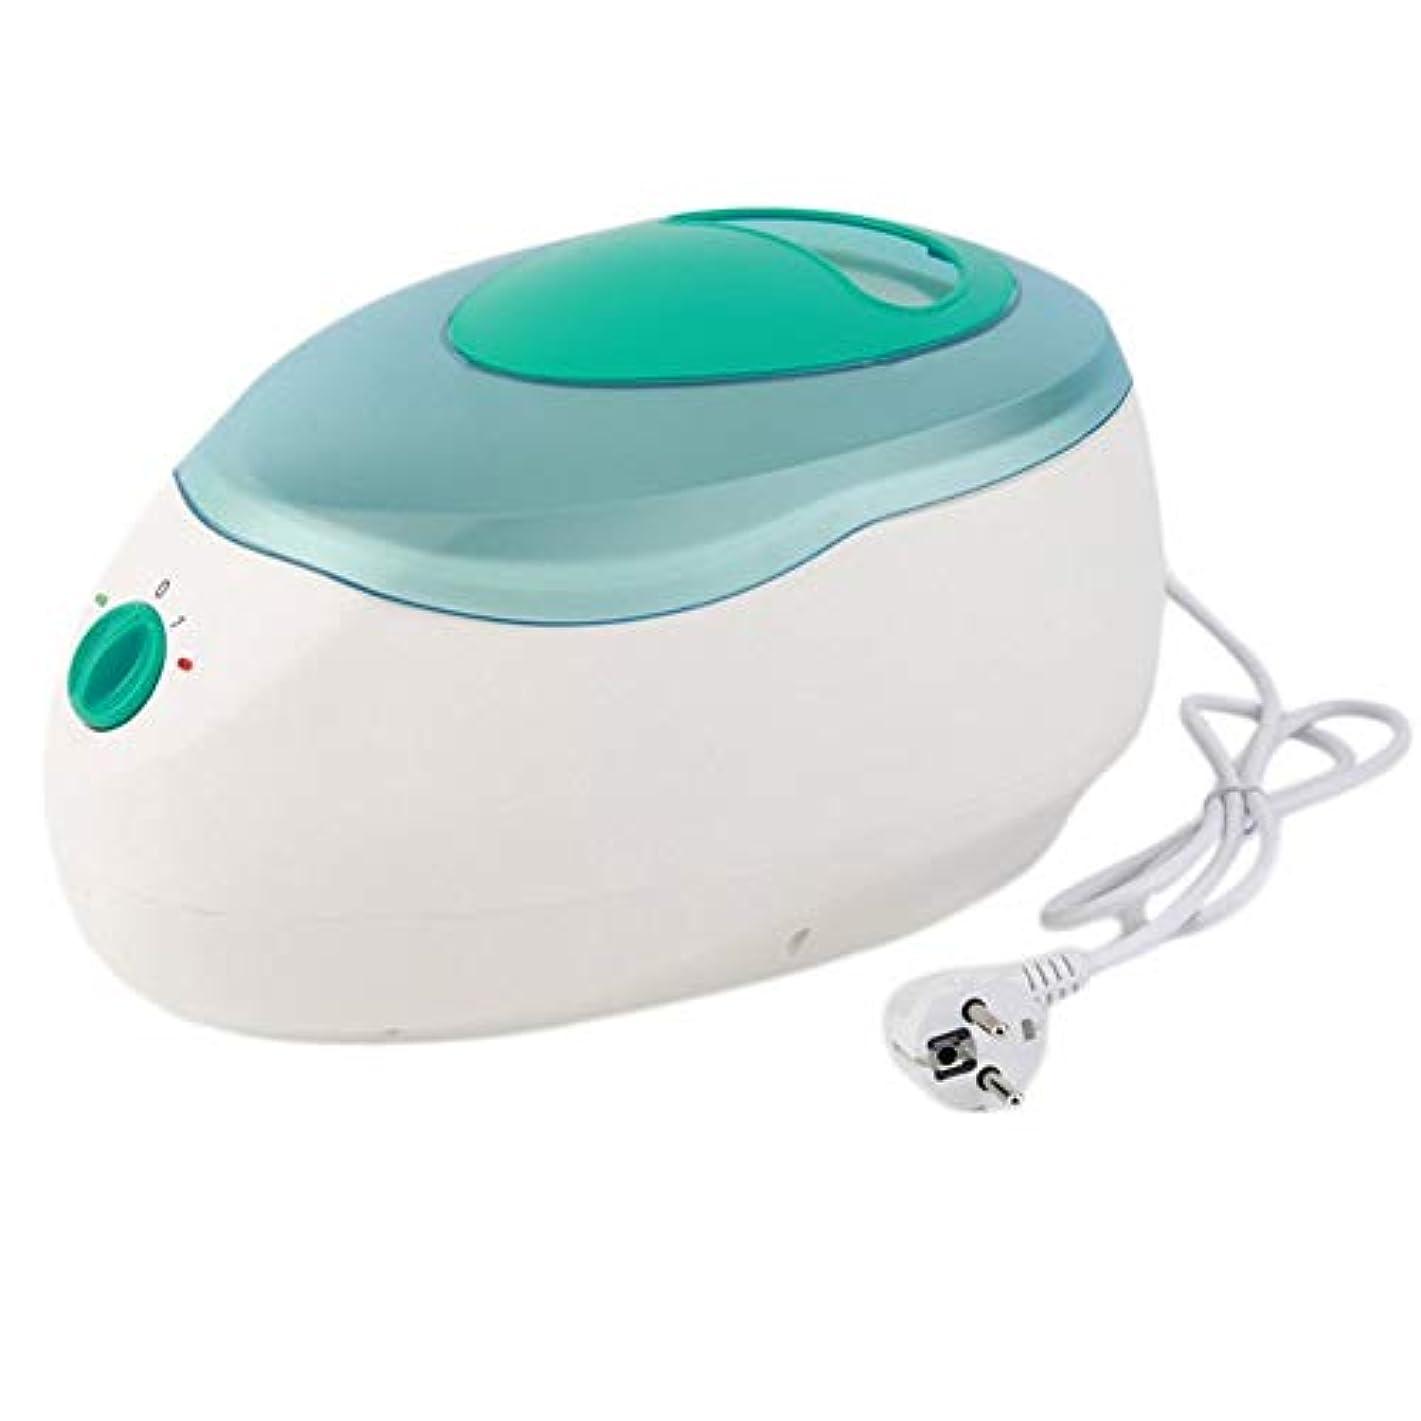 レキシコン応用ロマンス手および足ボディワックスの毛の取り外しのためのワックス機械パラフィン療法の浴のワックスの鍋のウォーマーの美容院装置の鉱泉150W,グリーン